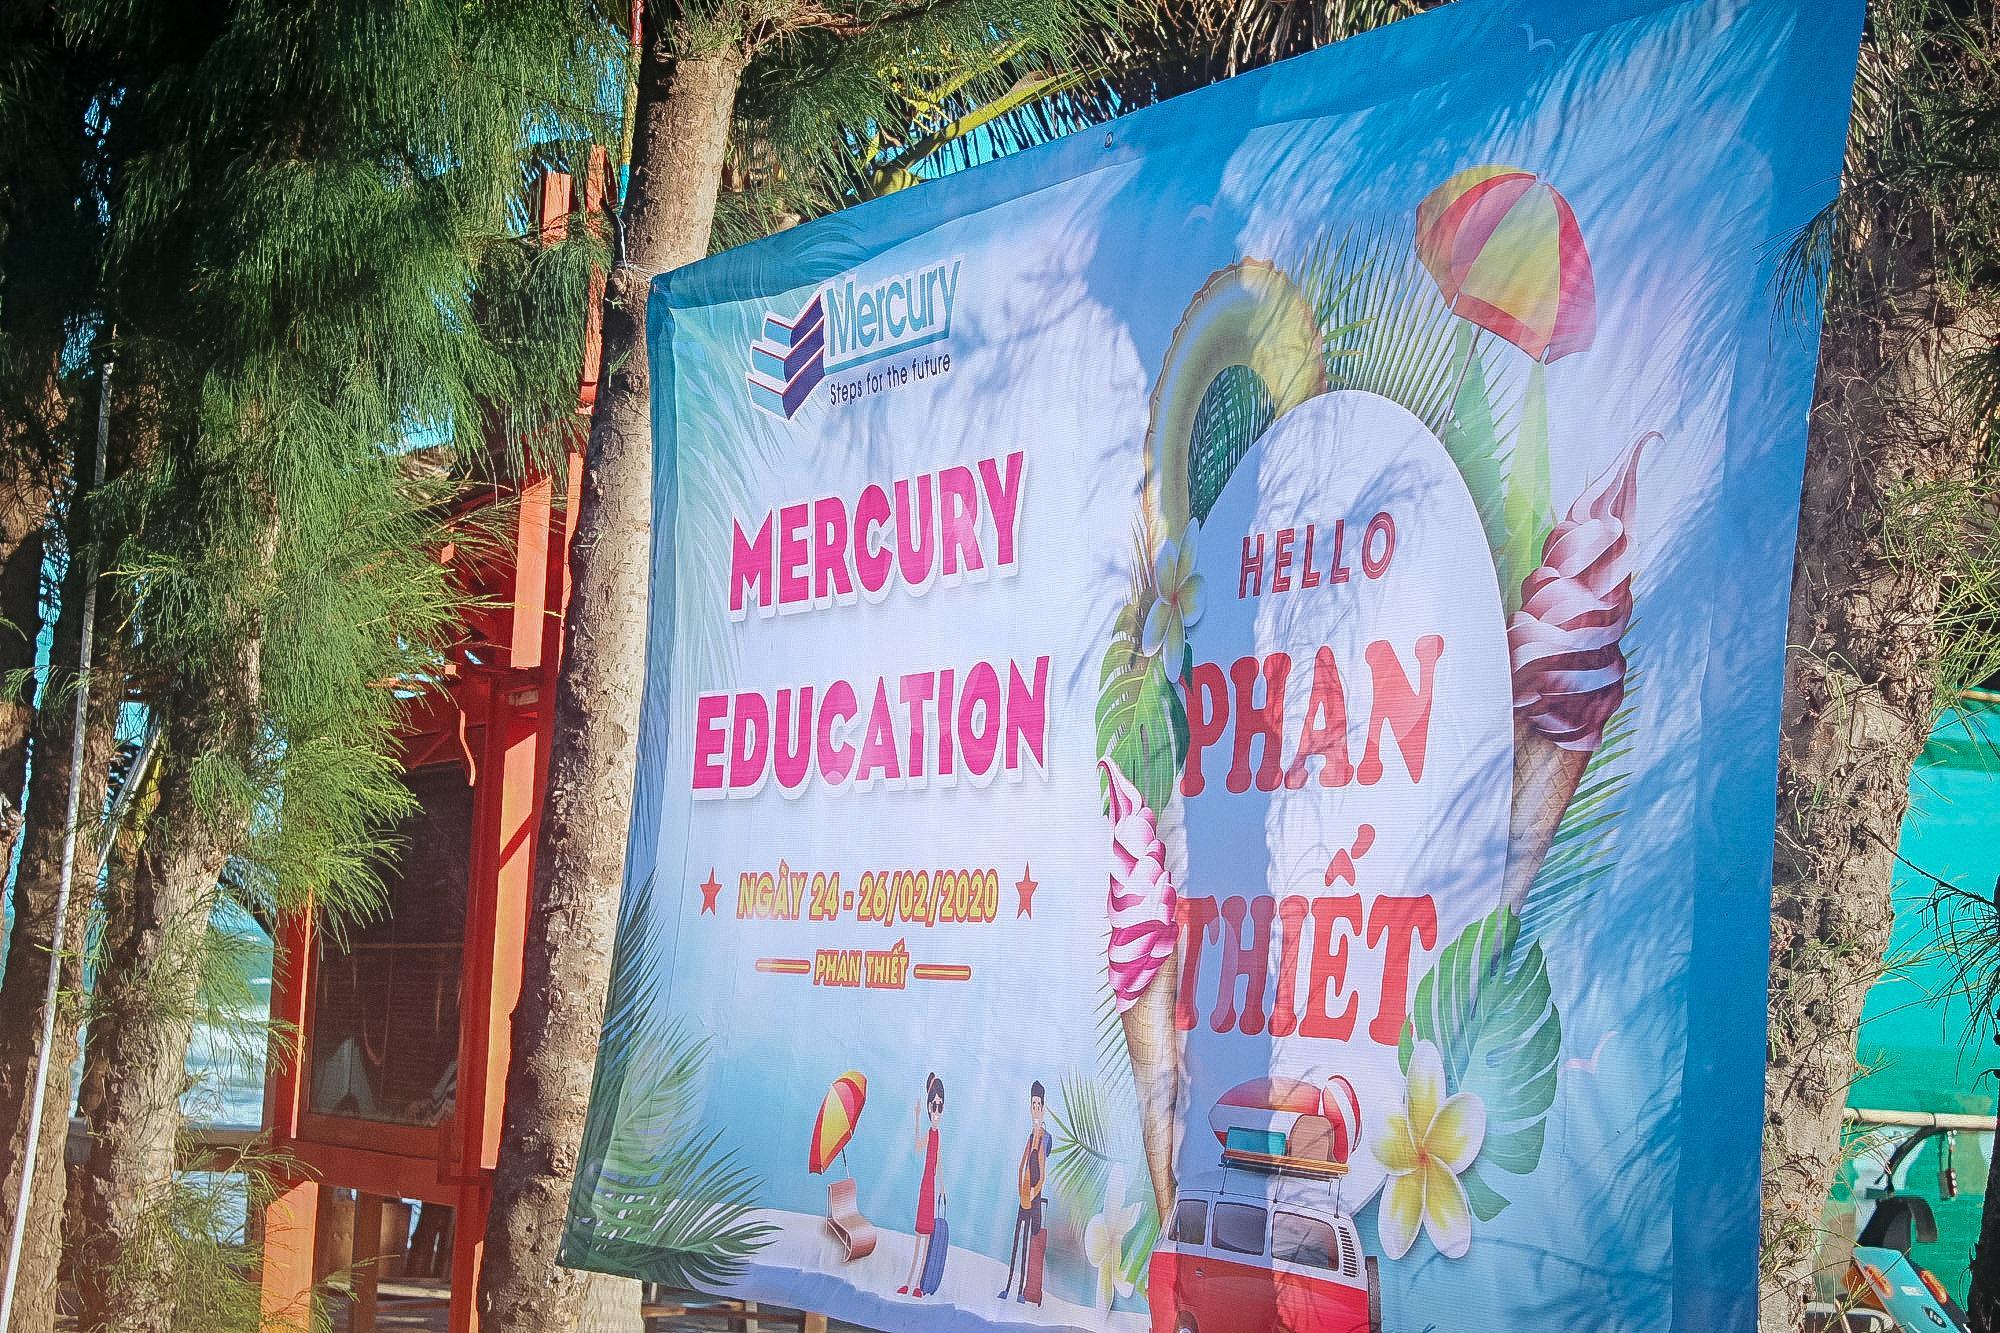 PHAN THIẾT - MERCURY (24-26/02/2020)